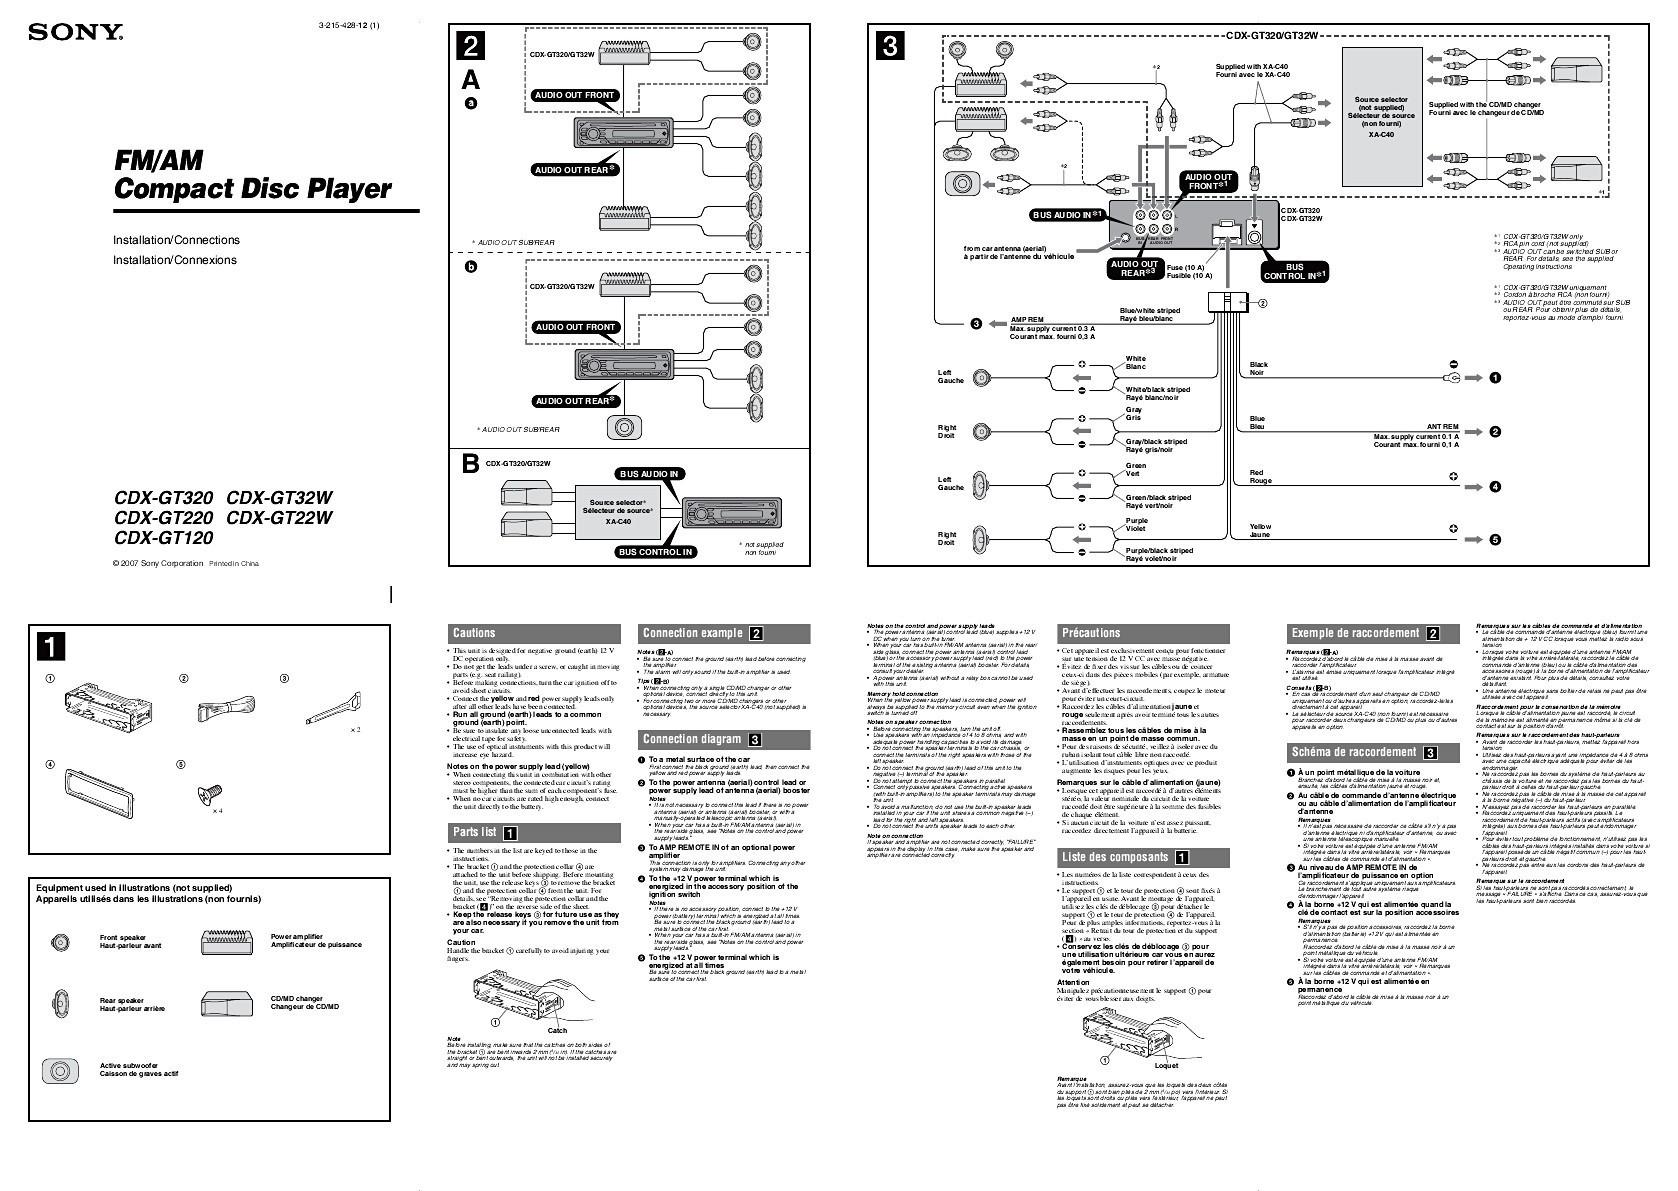 Sony Xplod Wiring Harness | Wiring Diagram - Sony Xplod Wiring Harness Diagram